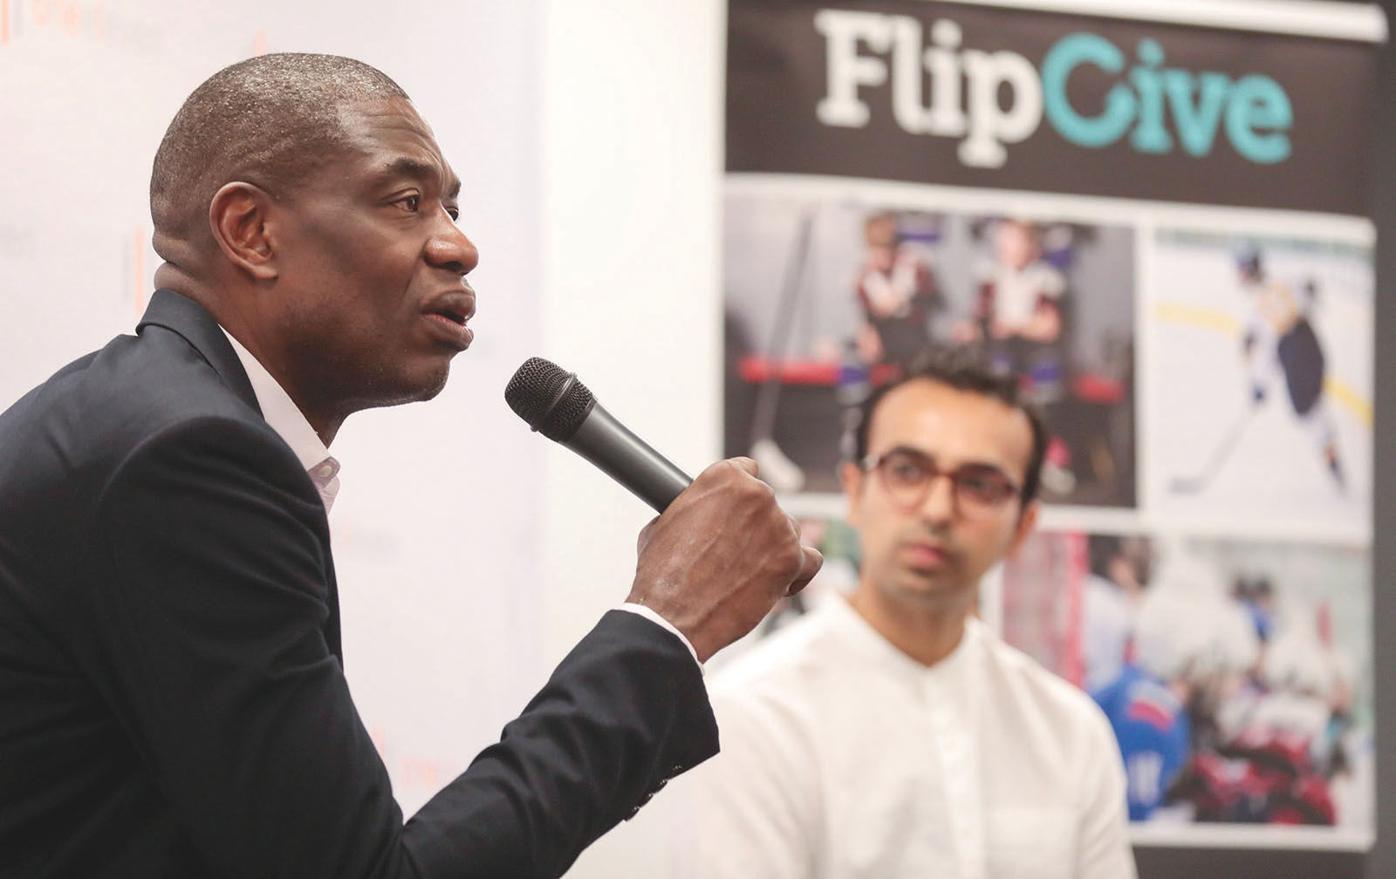 FlipGive 2 ikembe Mutombo Bilal Khan